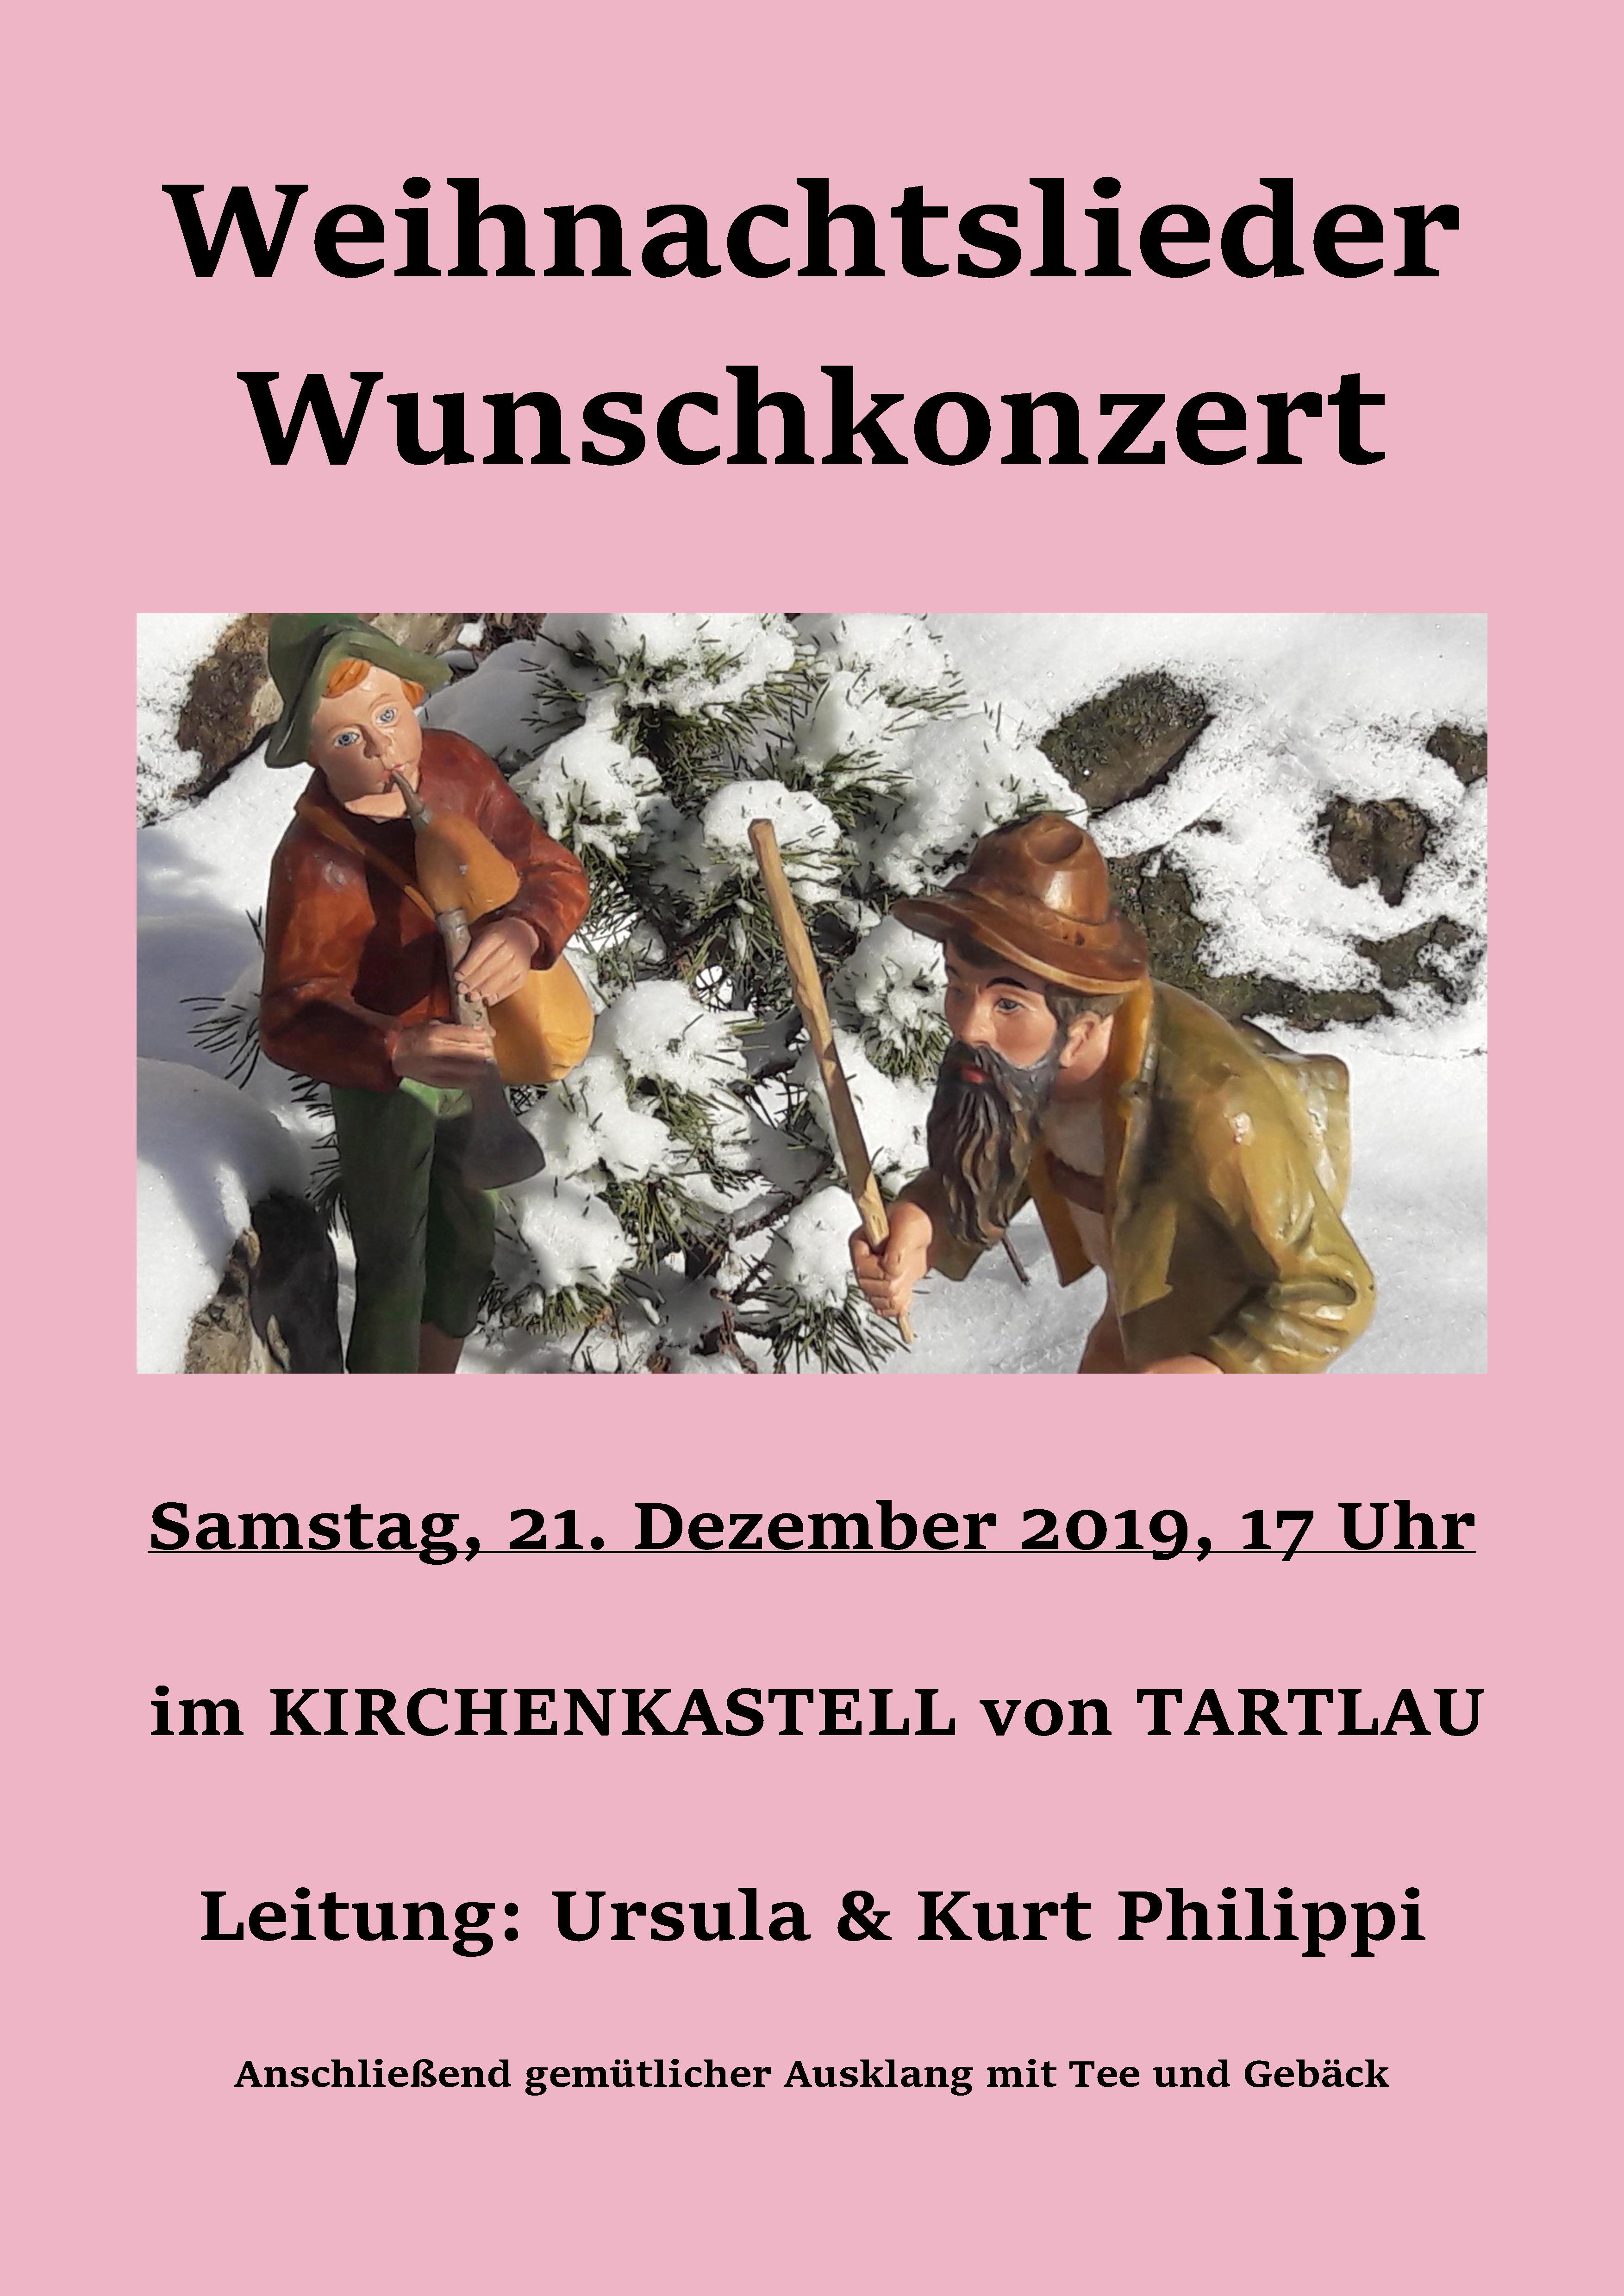 Weihnachtsmusik tartlau 2019 A3-1